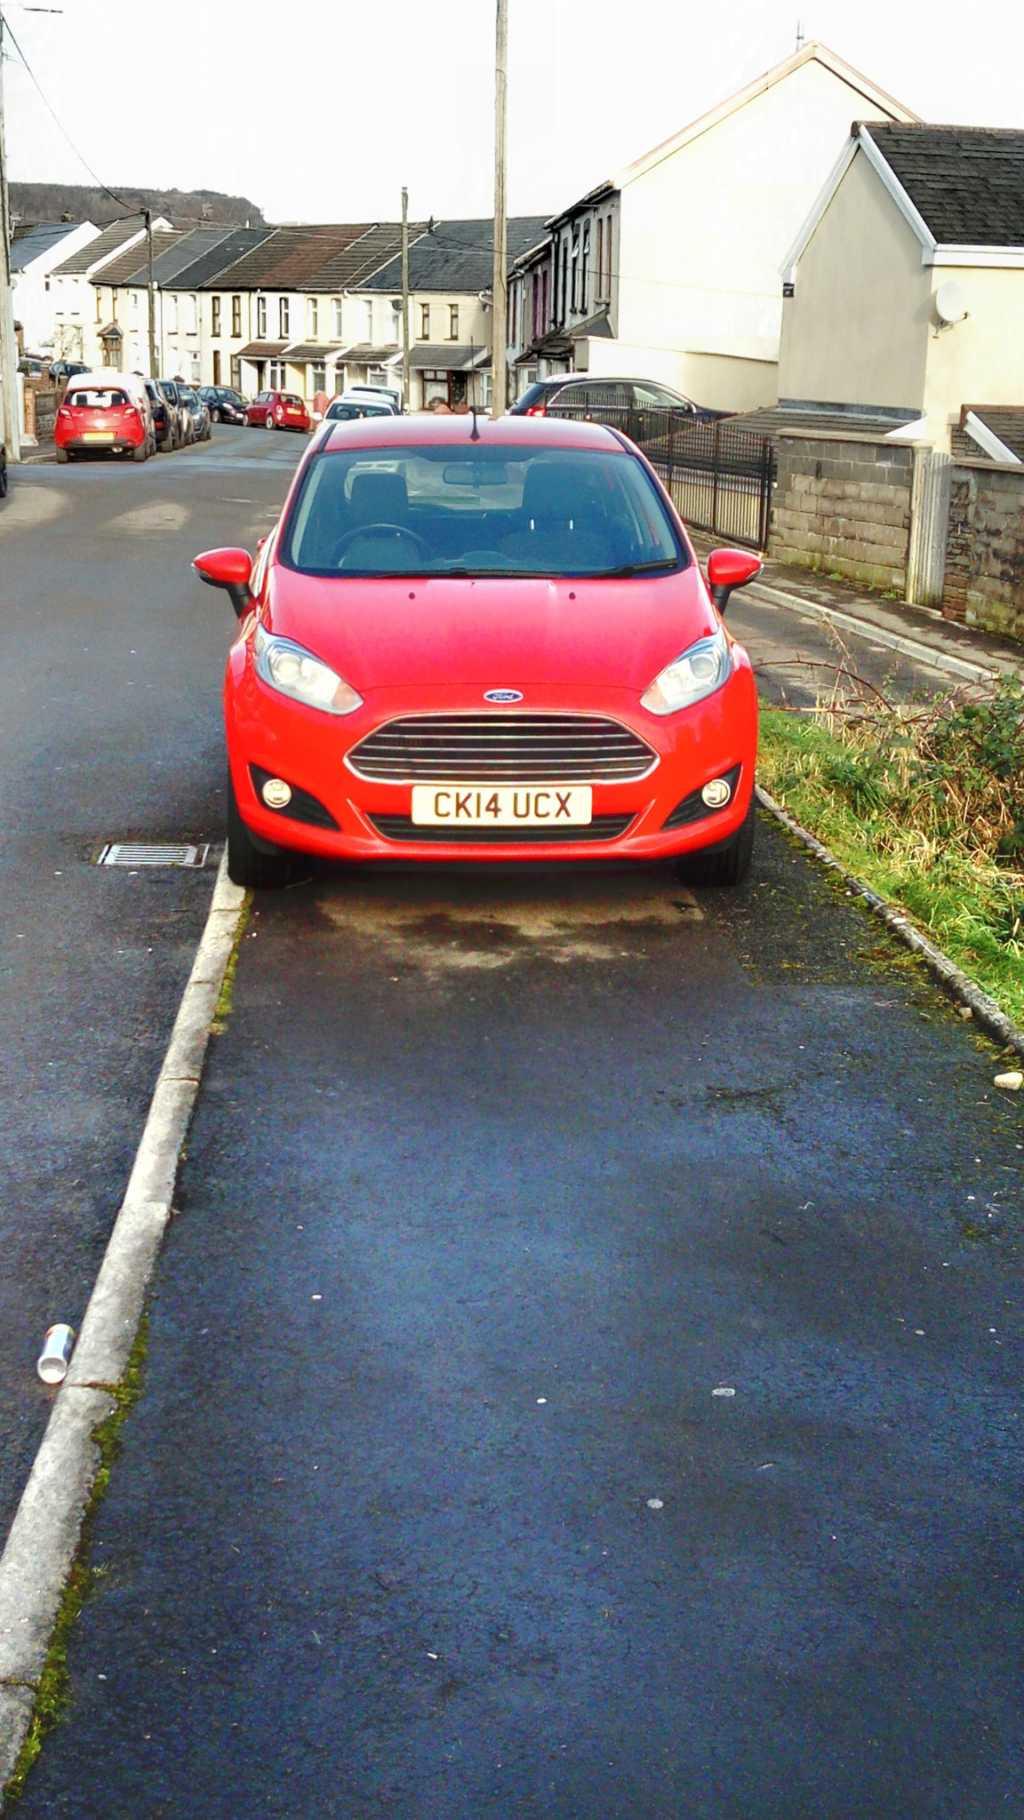 CK14 UCX displaying crap parking